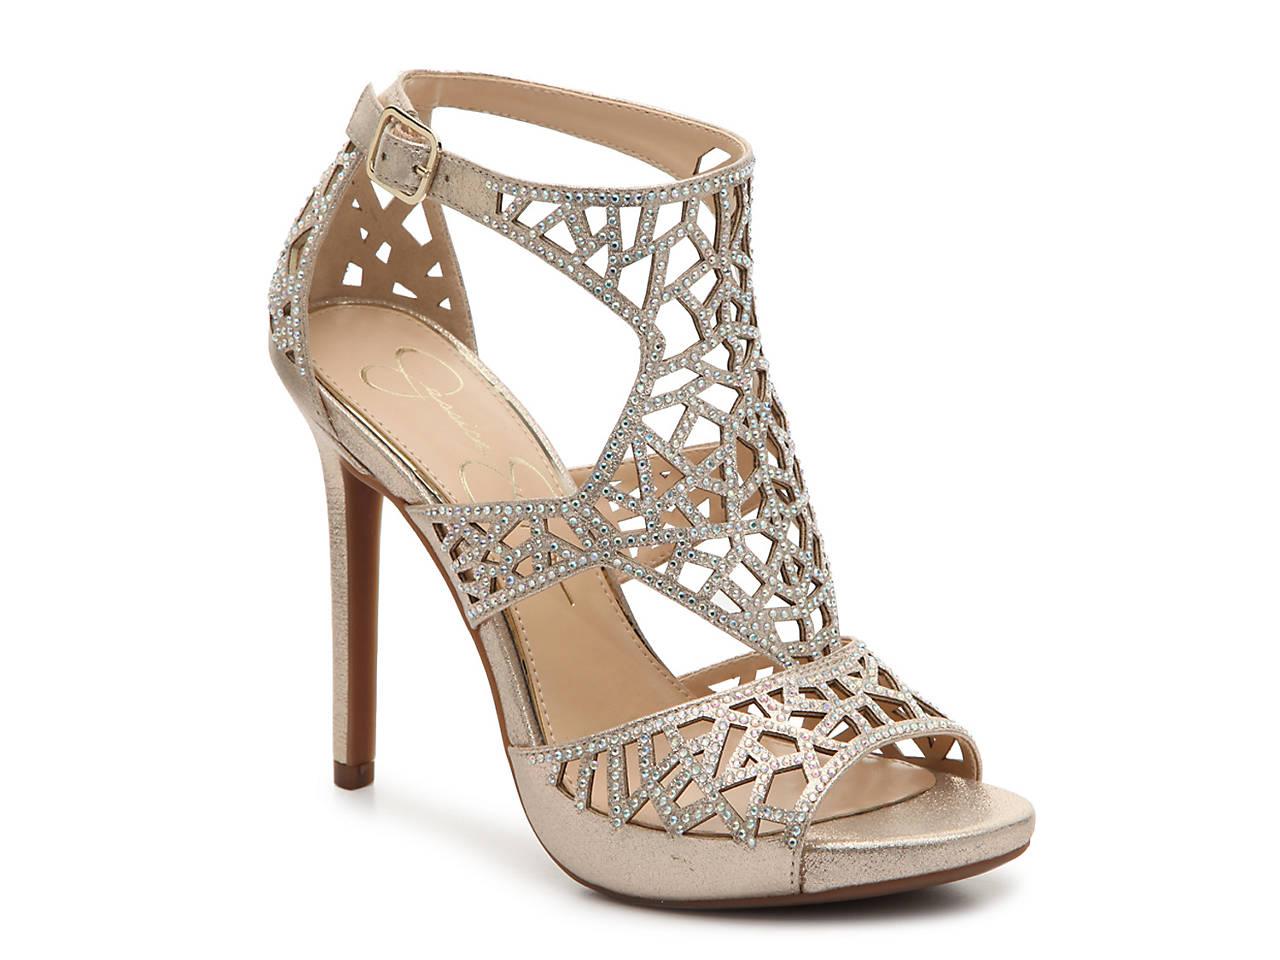 dd34f3de81 Jessica Simpson Romani Platform Sandal Women s Shoes